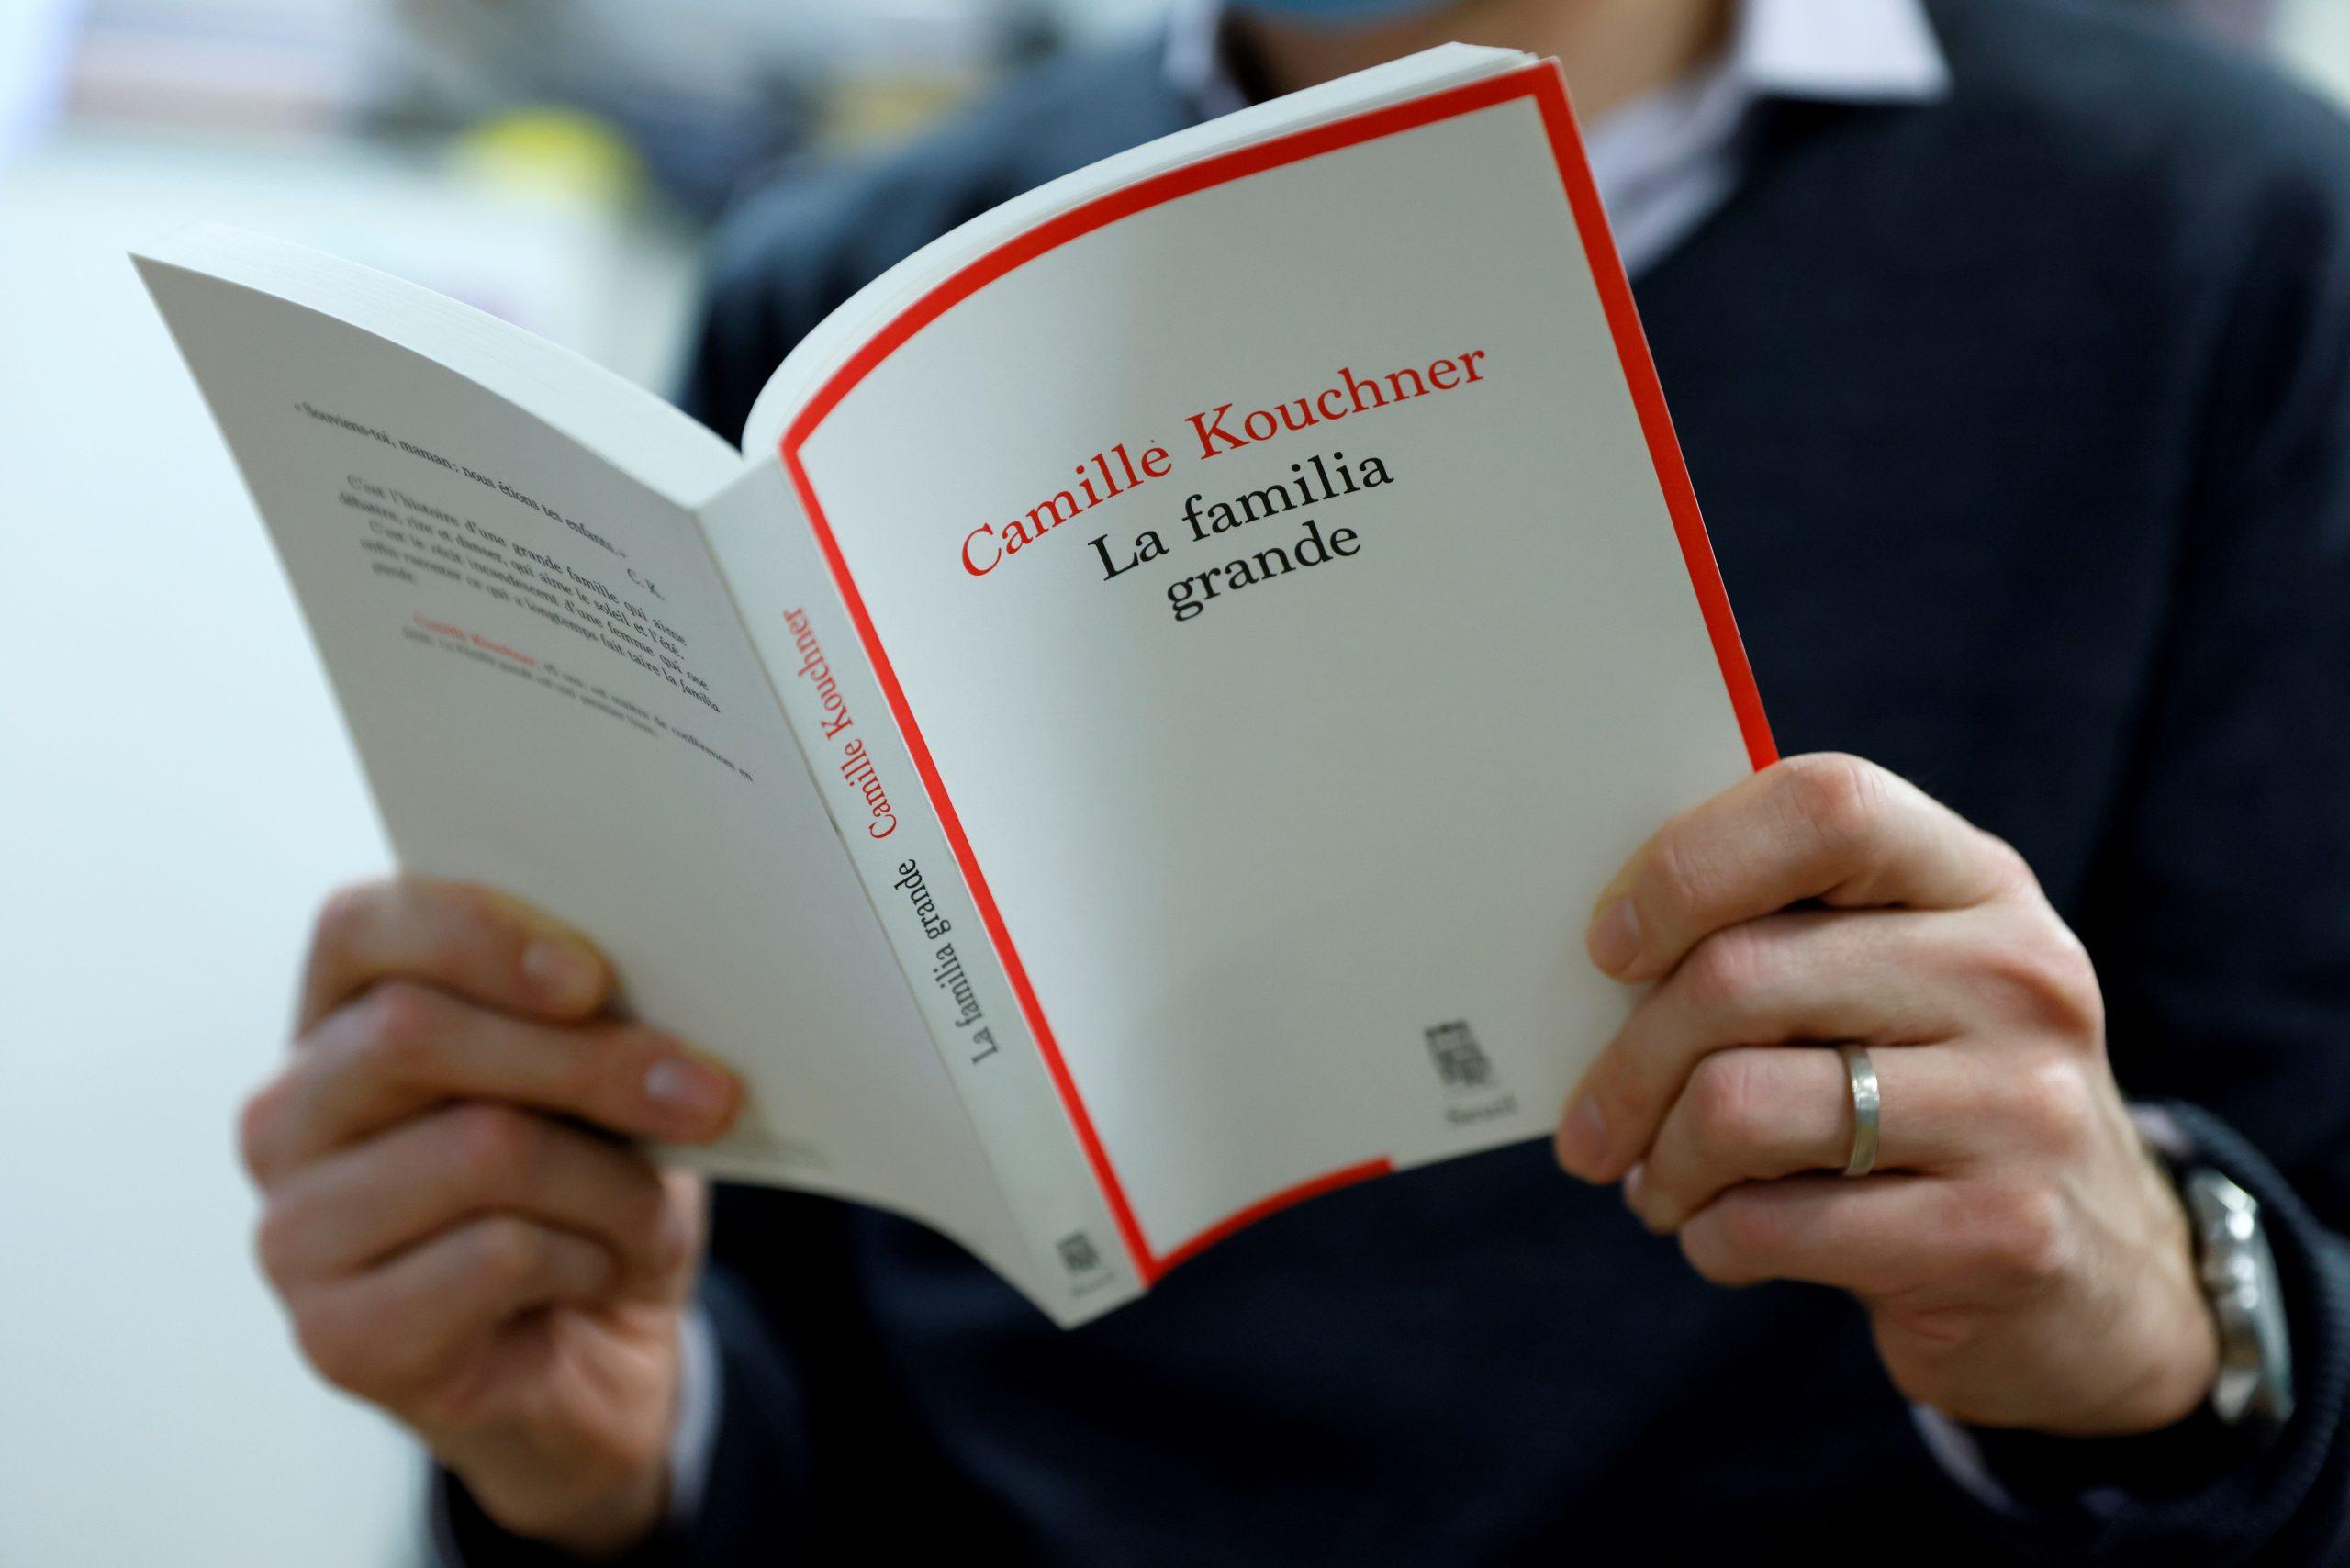 Inzest und Missbrauch an Elite-Universität? Enthüllungen erschüttern Frankreich